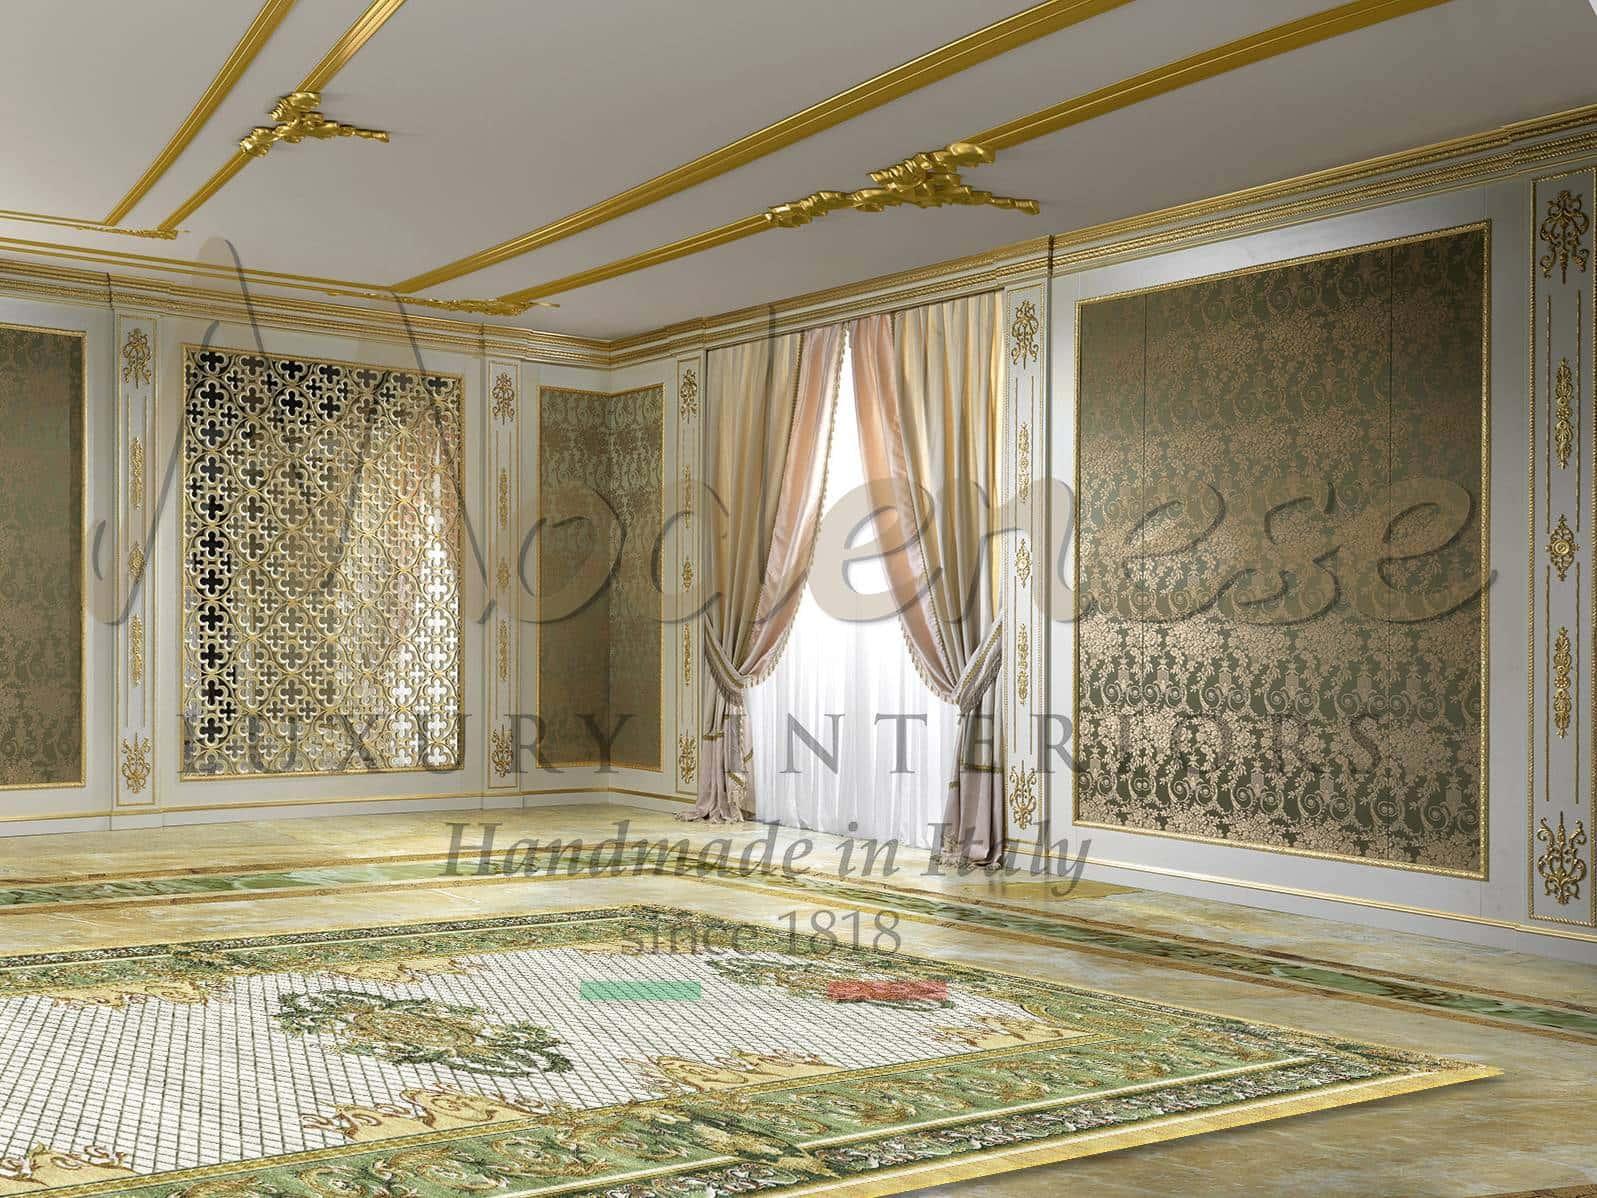 Элегантный роскошный стиль аксессуары элементы декора дорогие камни и украшения на заказ из Италии